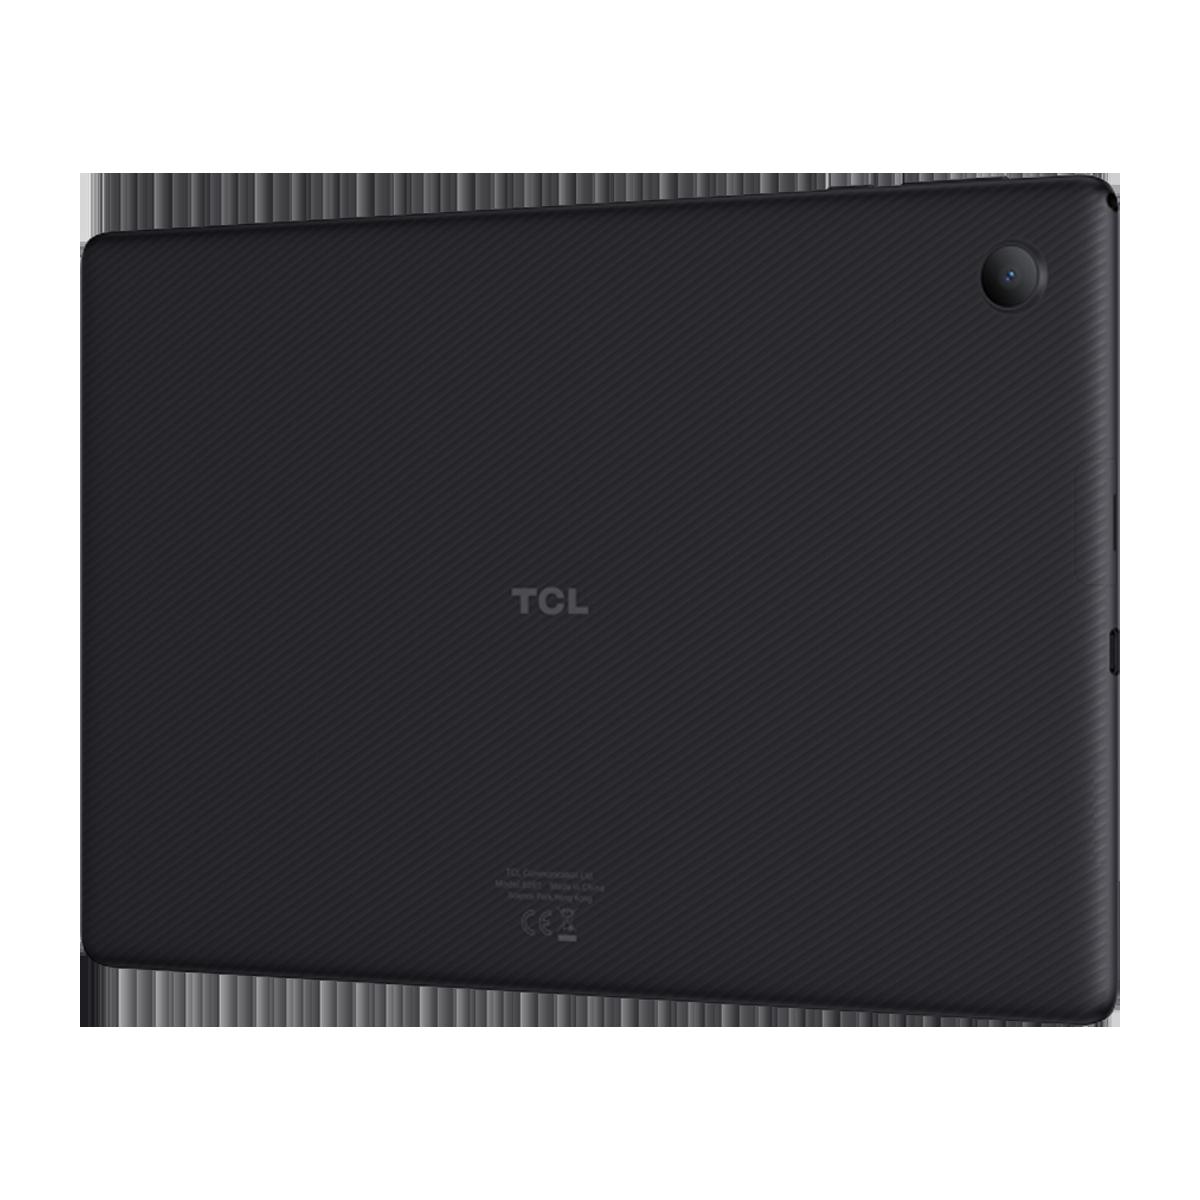 TCL TAB 10 FHD 64 GB Siyah